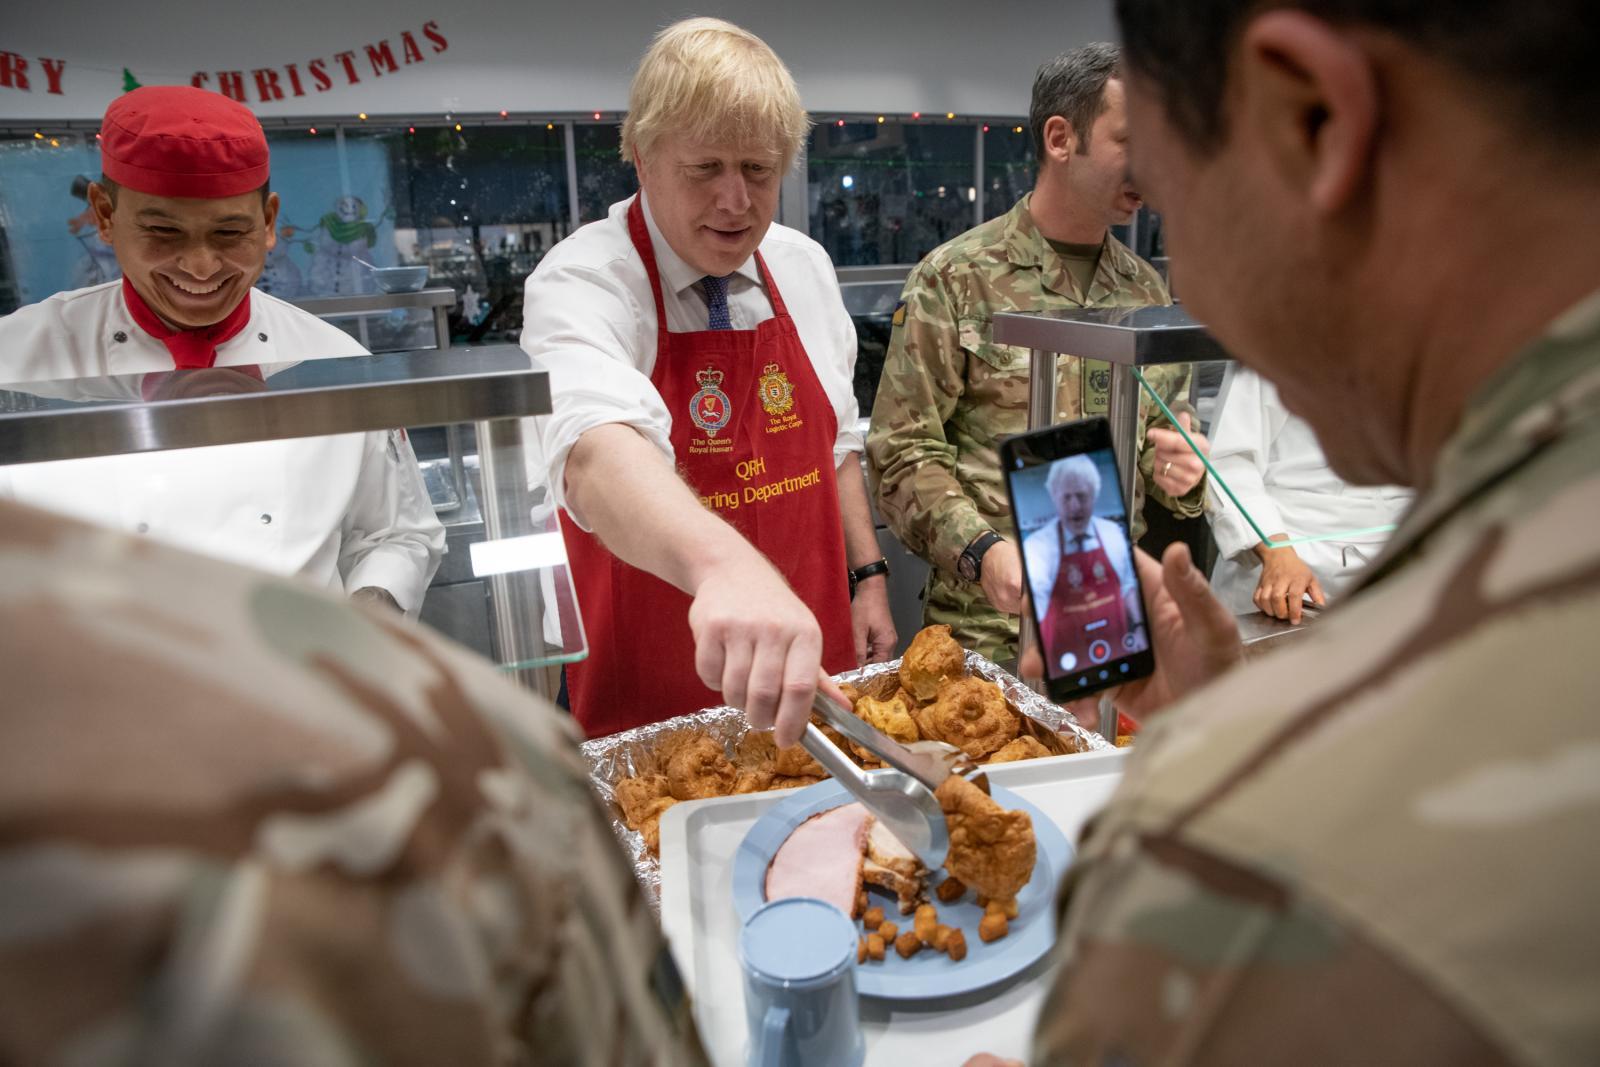 นายกฯอังกฤษ เยี่ยมกองทัพในเอสโตเนีย โชว์ตักอาหาร-ร่วมเซลฟี่ รับคริสต์มาส